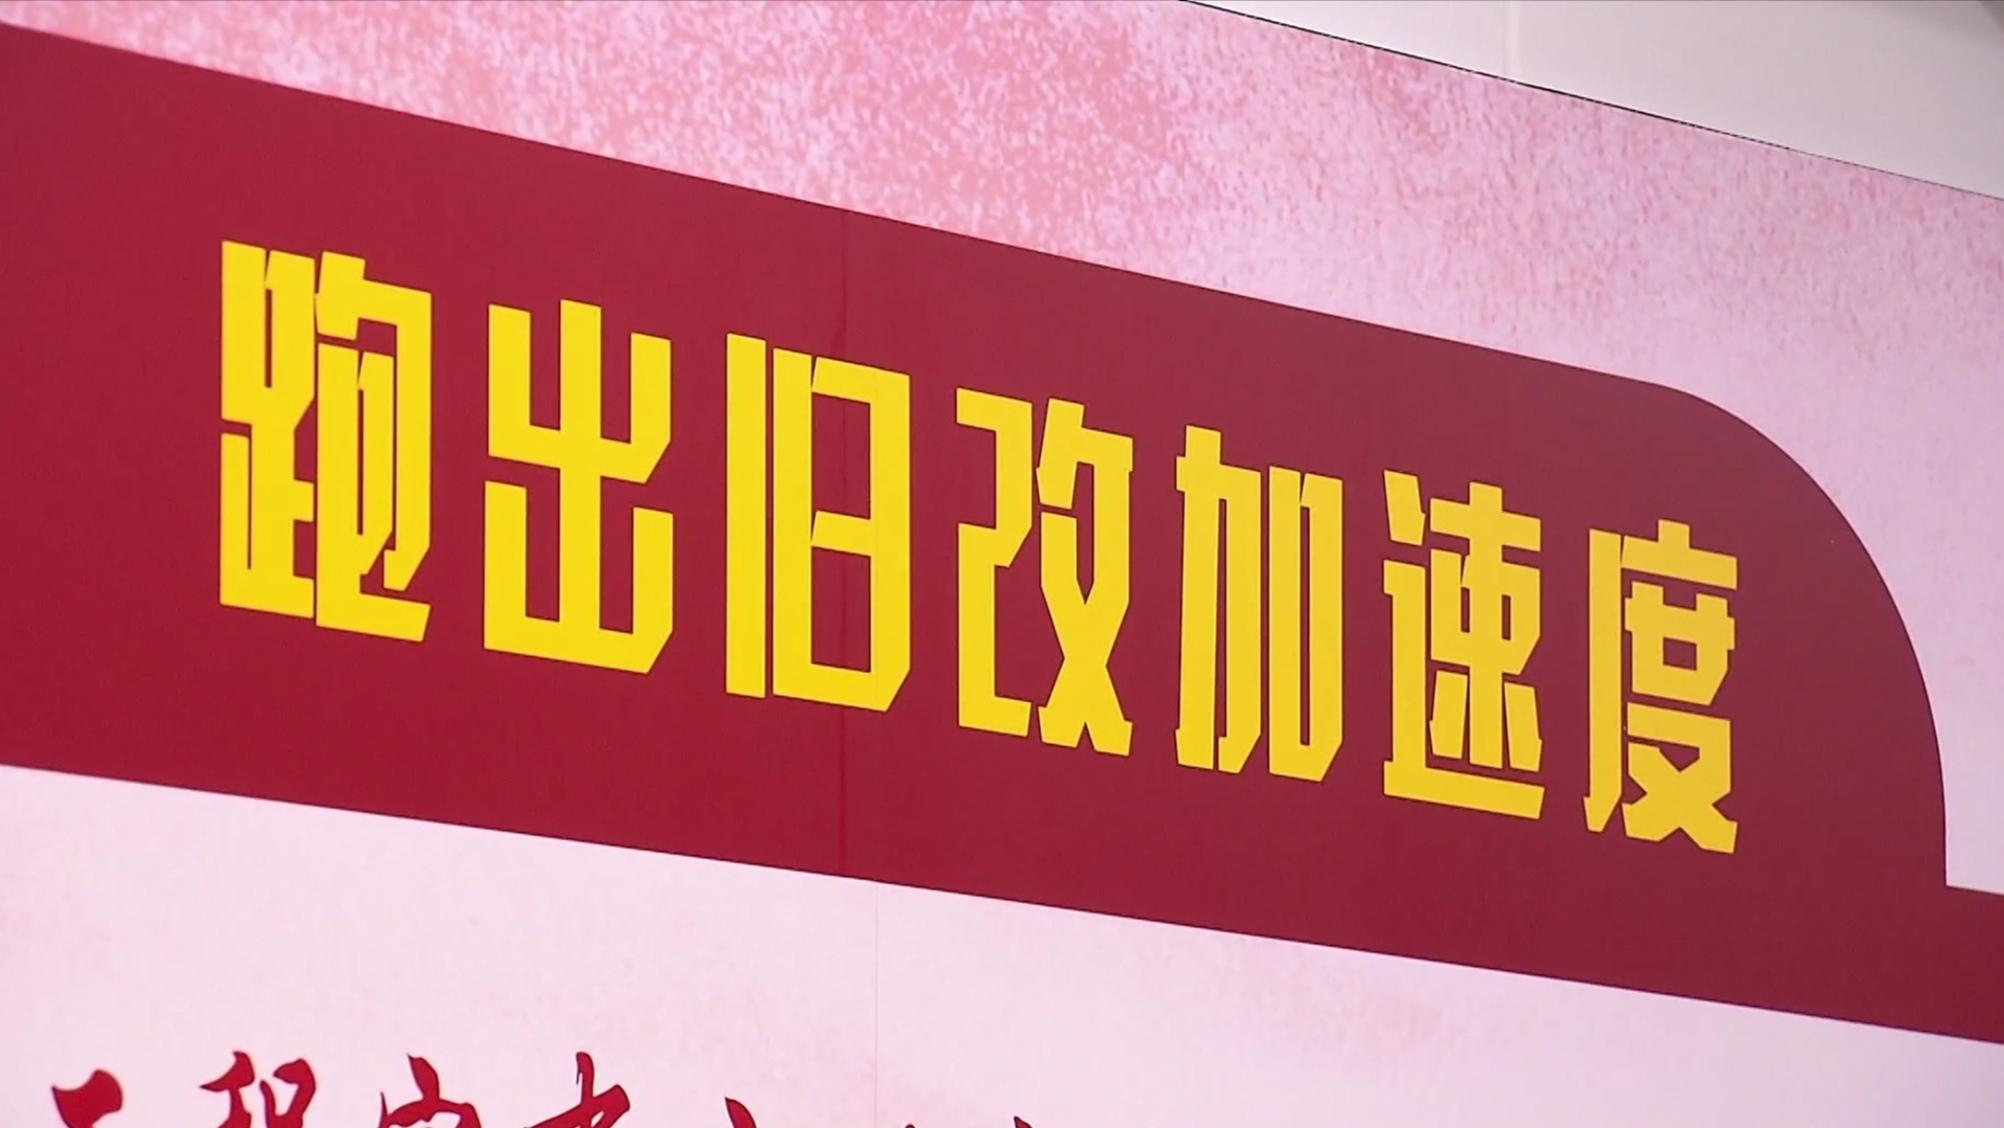 快看上海丨这个加速推进旧改的中心你知道吗